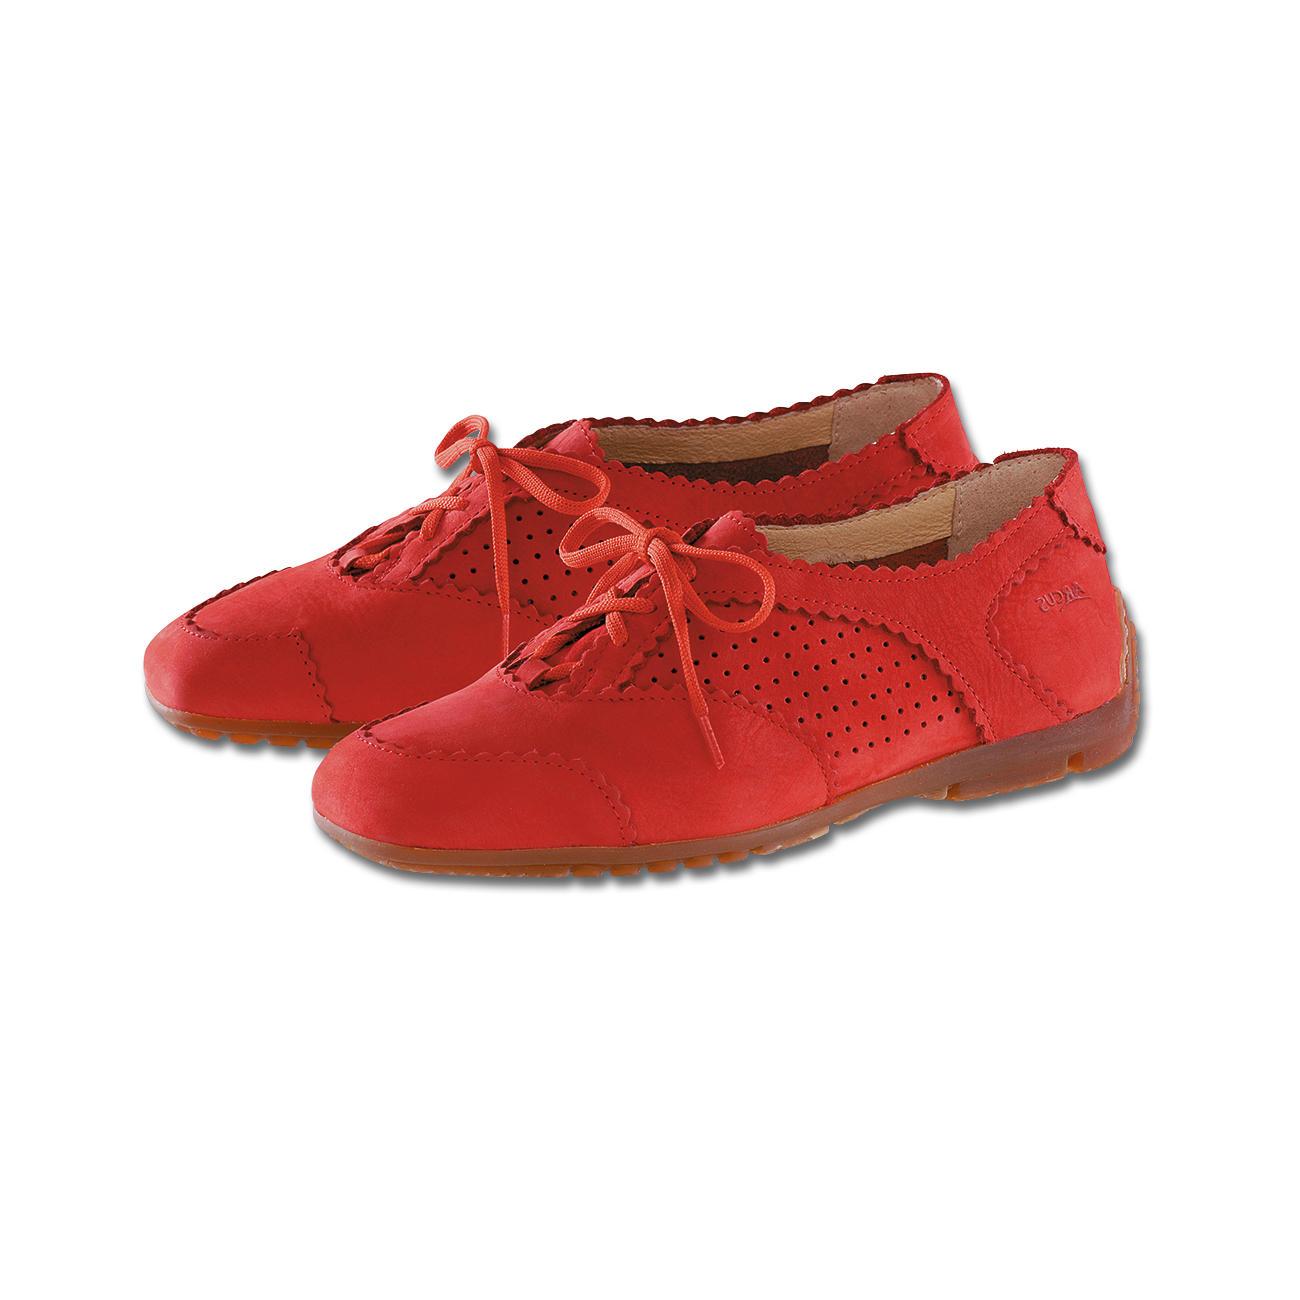 Les sneakers d'été Arcus®, 41 - Mastic